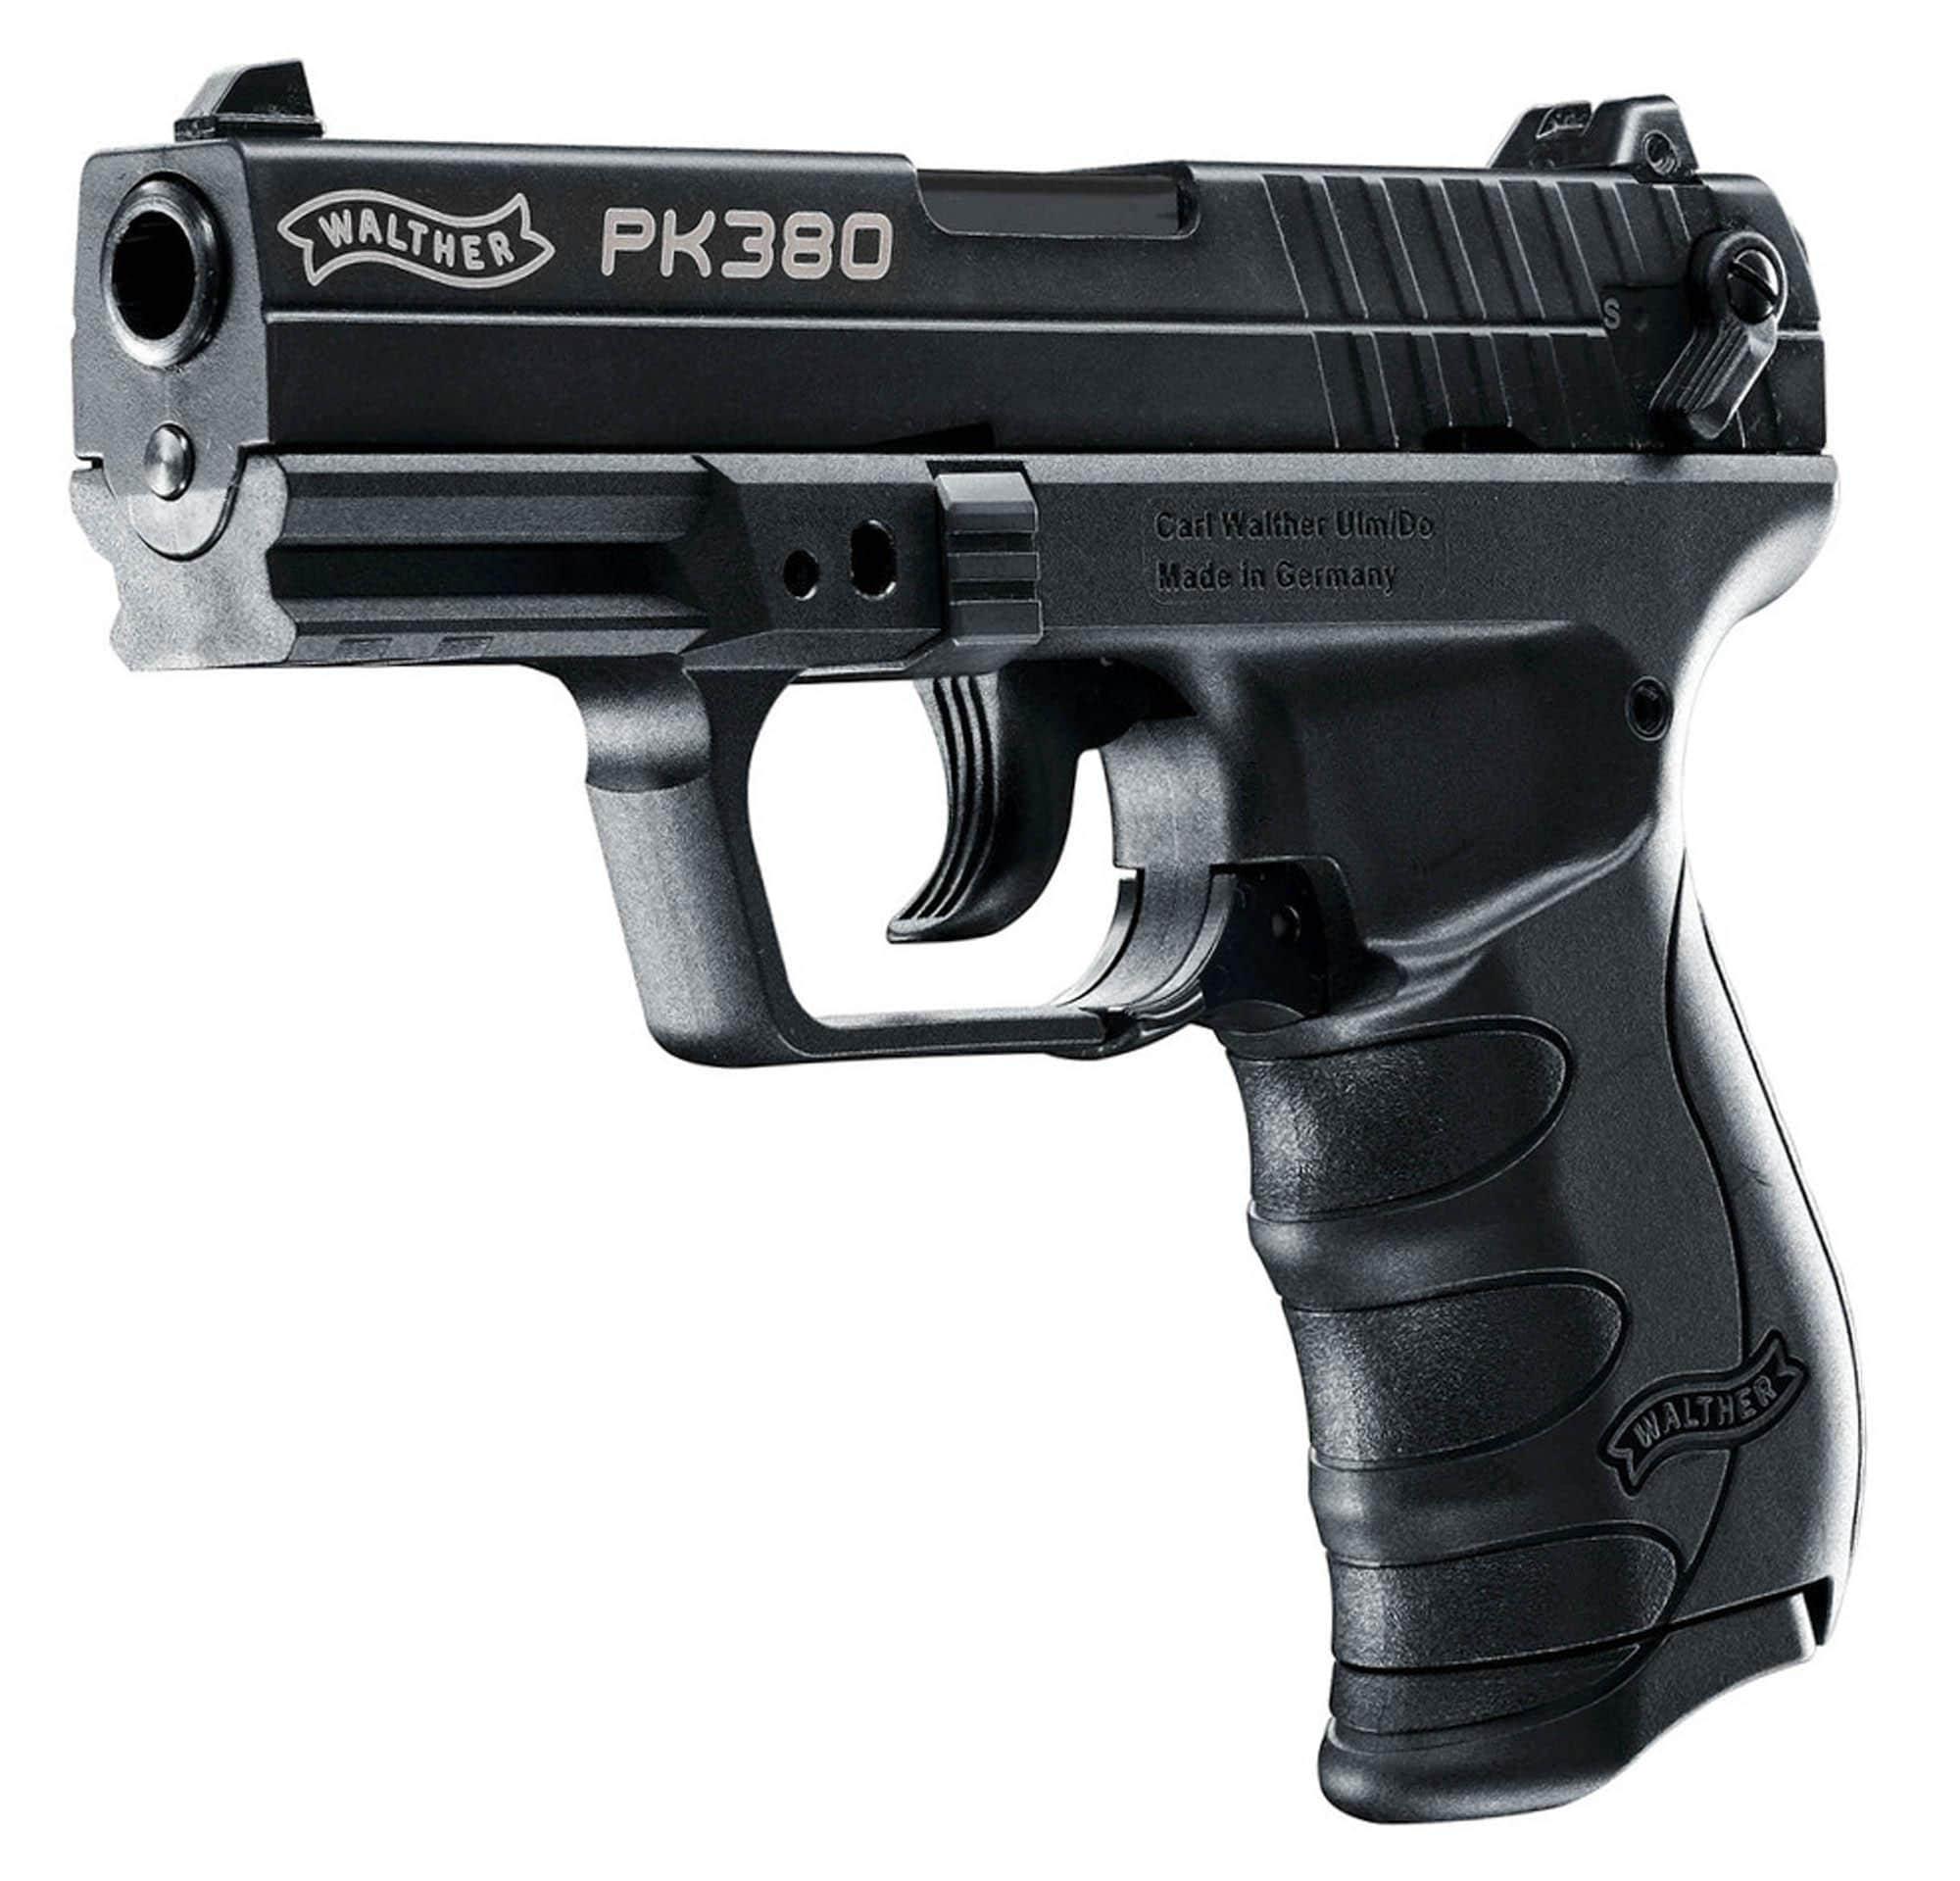 9 mm pistol white walther pk380 black. Black Bedroom Furniture Sets. Home Design Ideas